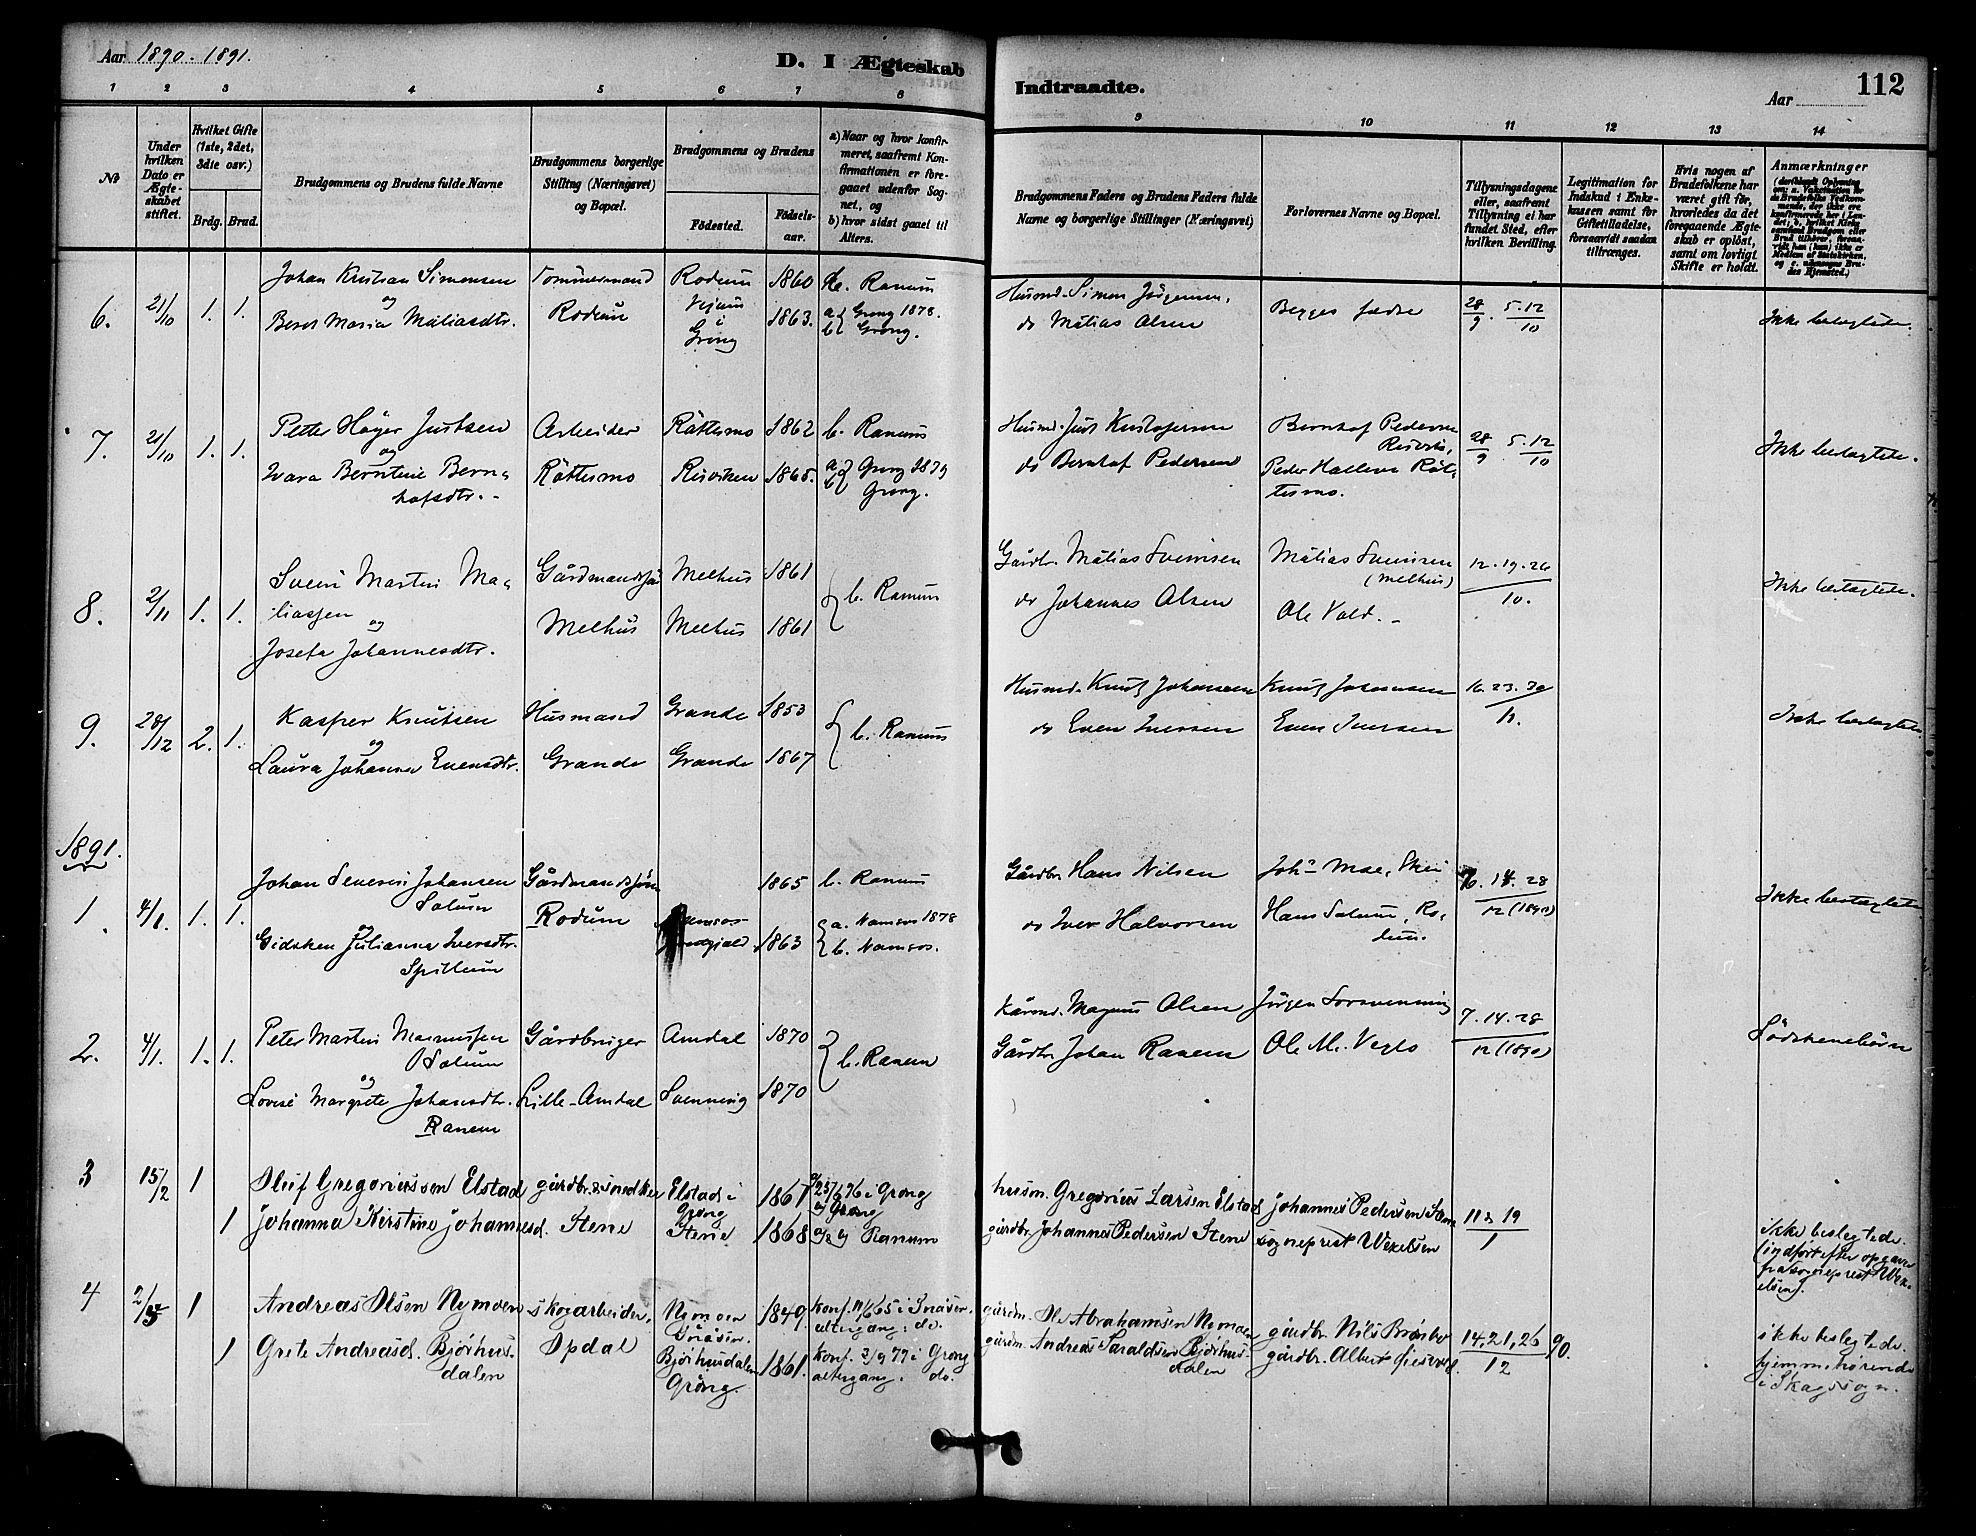 SAT, Ministerialprotokoller, klokkerbøker og fødselsregistre - Nord-Trøndelag, 764/L0555: Ministerialbok nr. 764A10, 1881-1896, s. 112